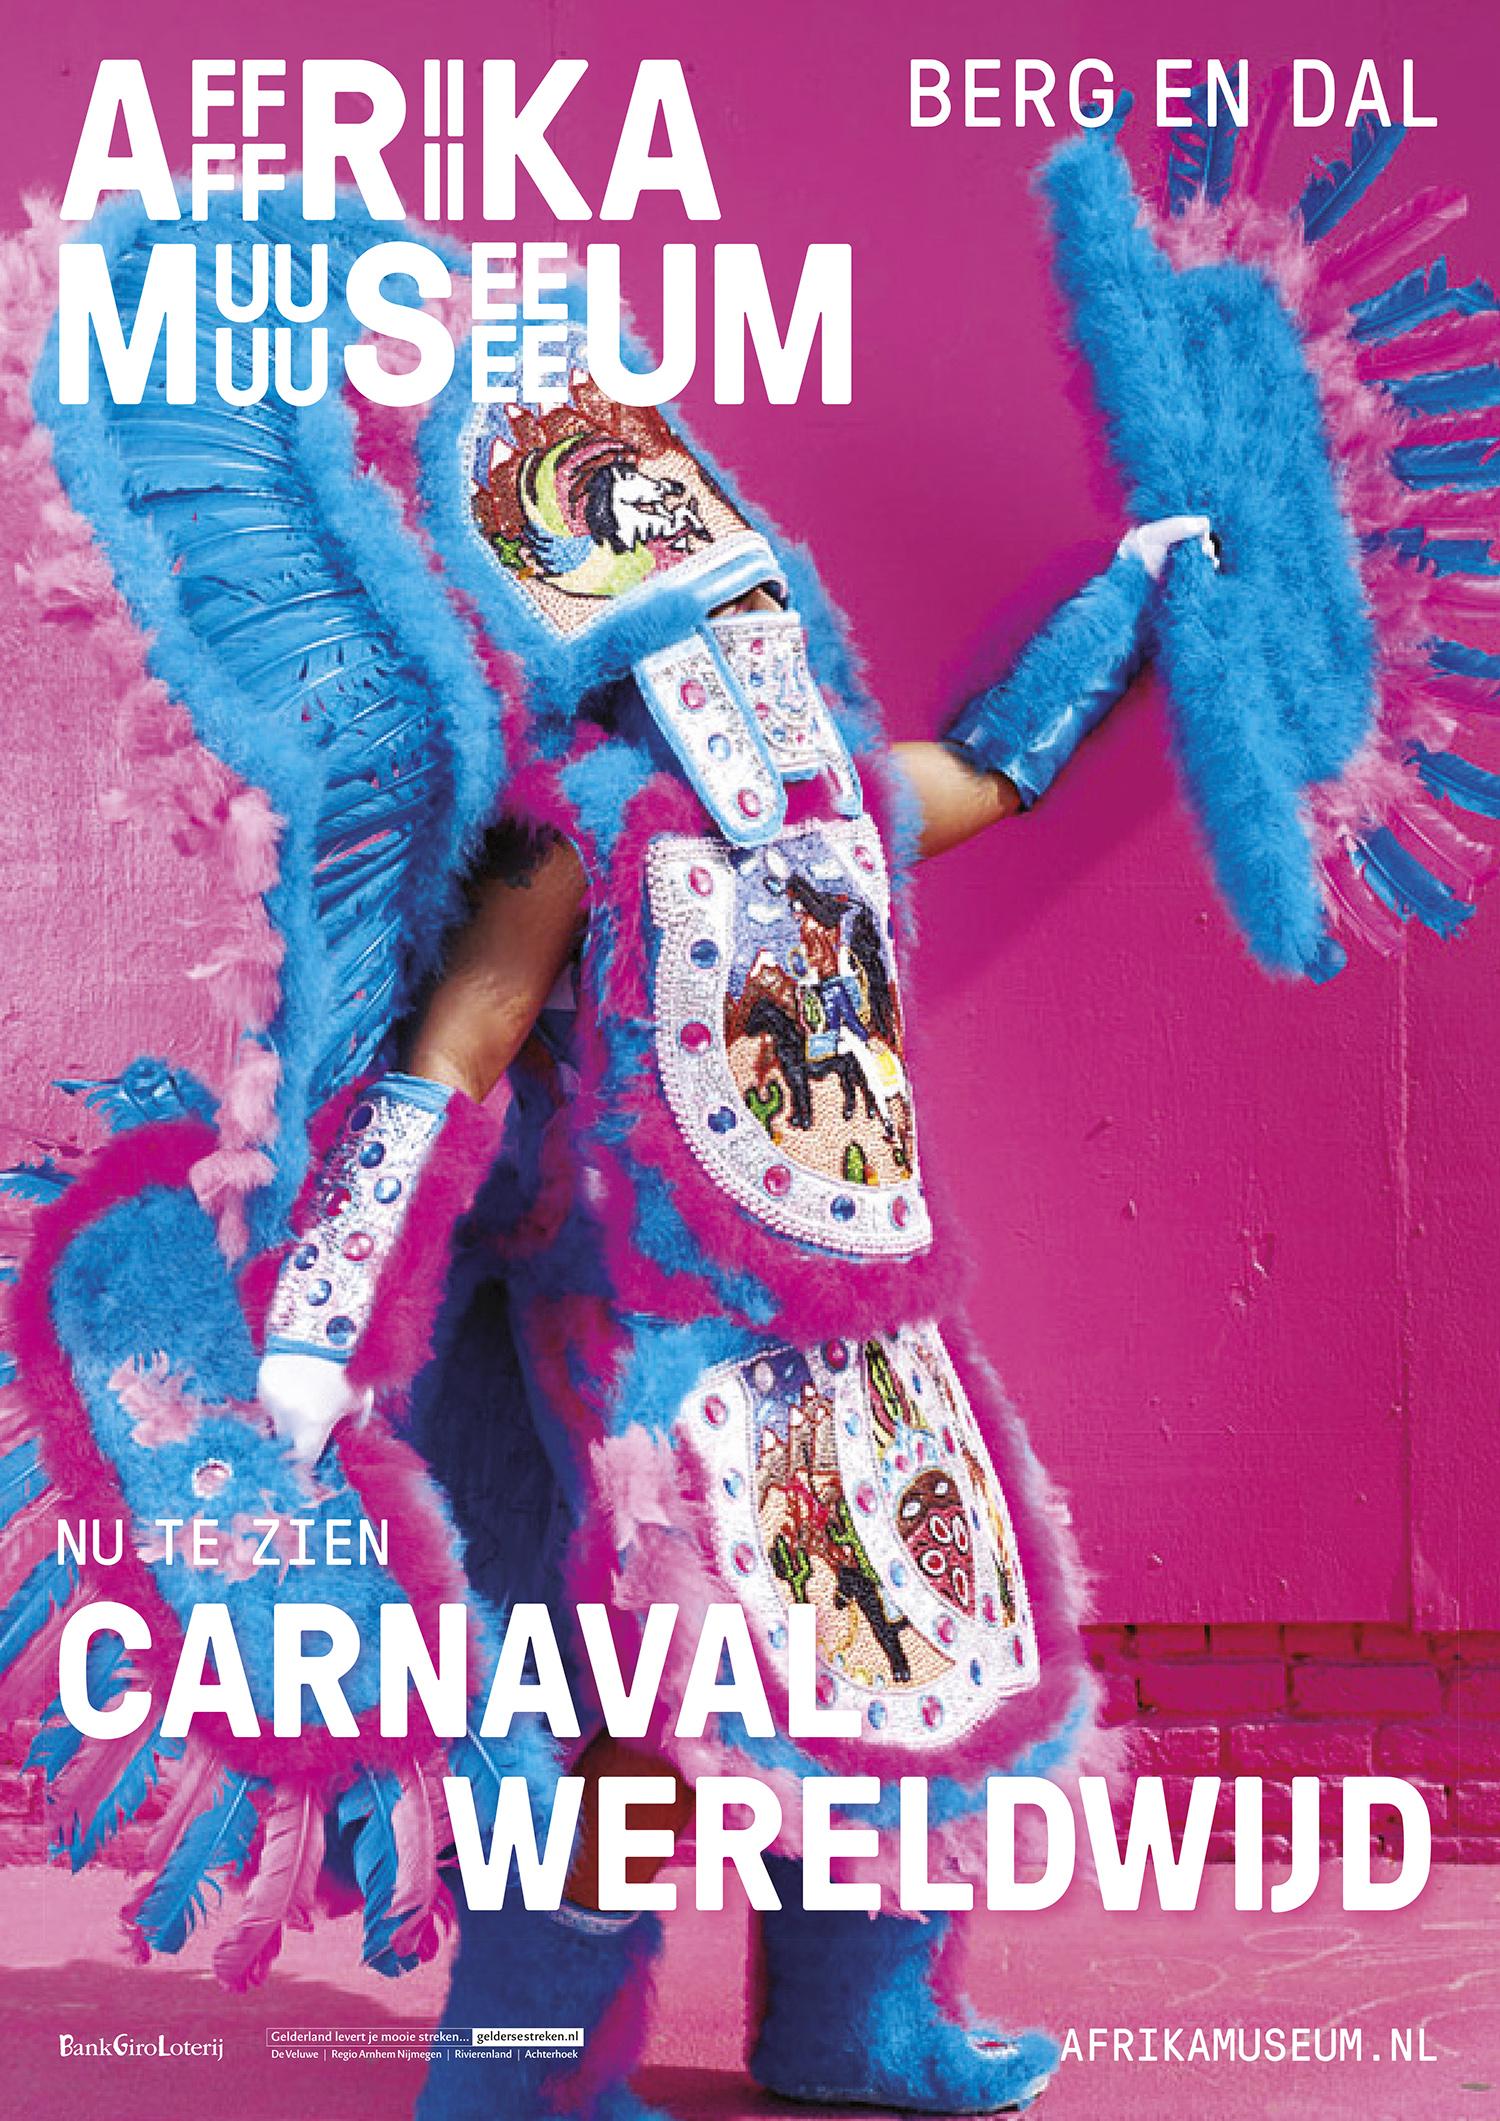 Carnaval Wereldwijd